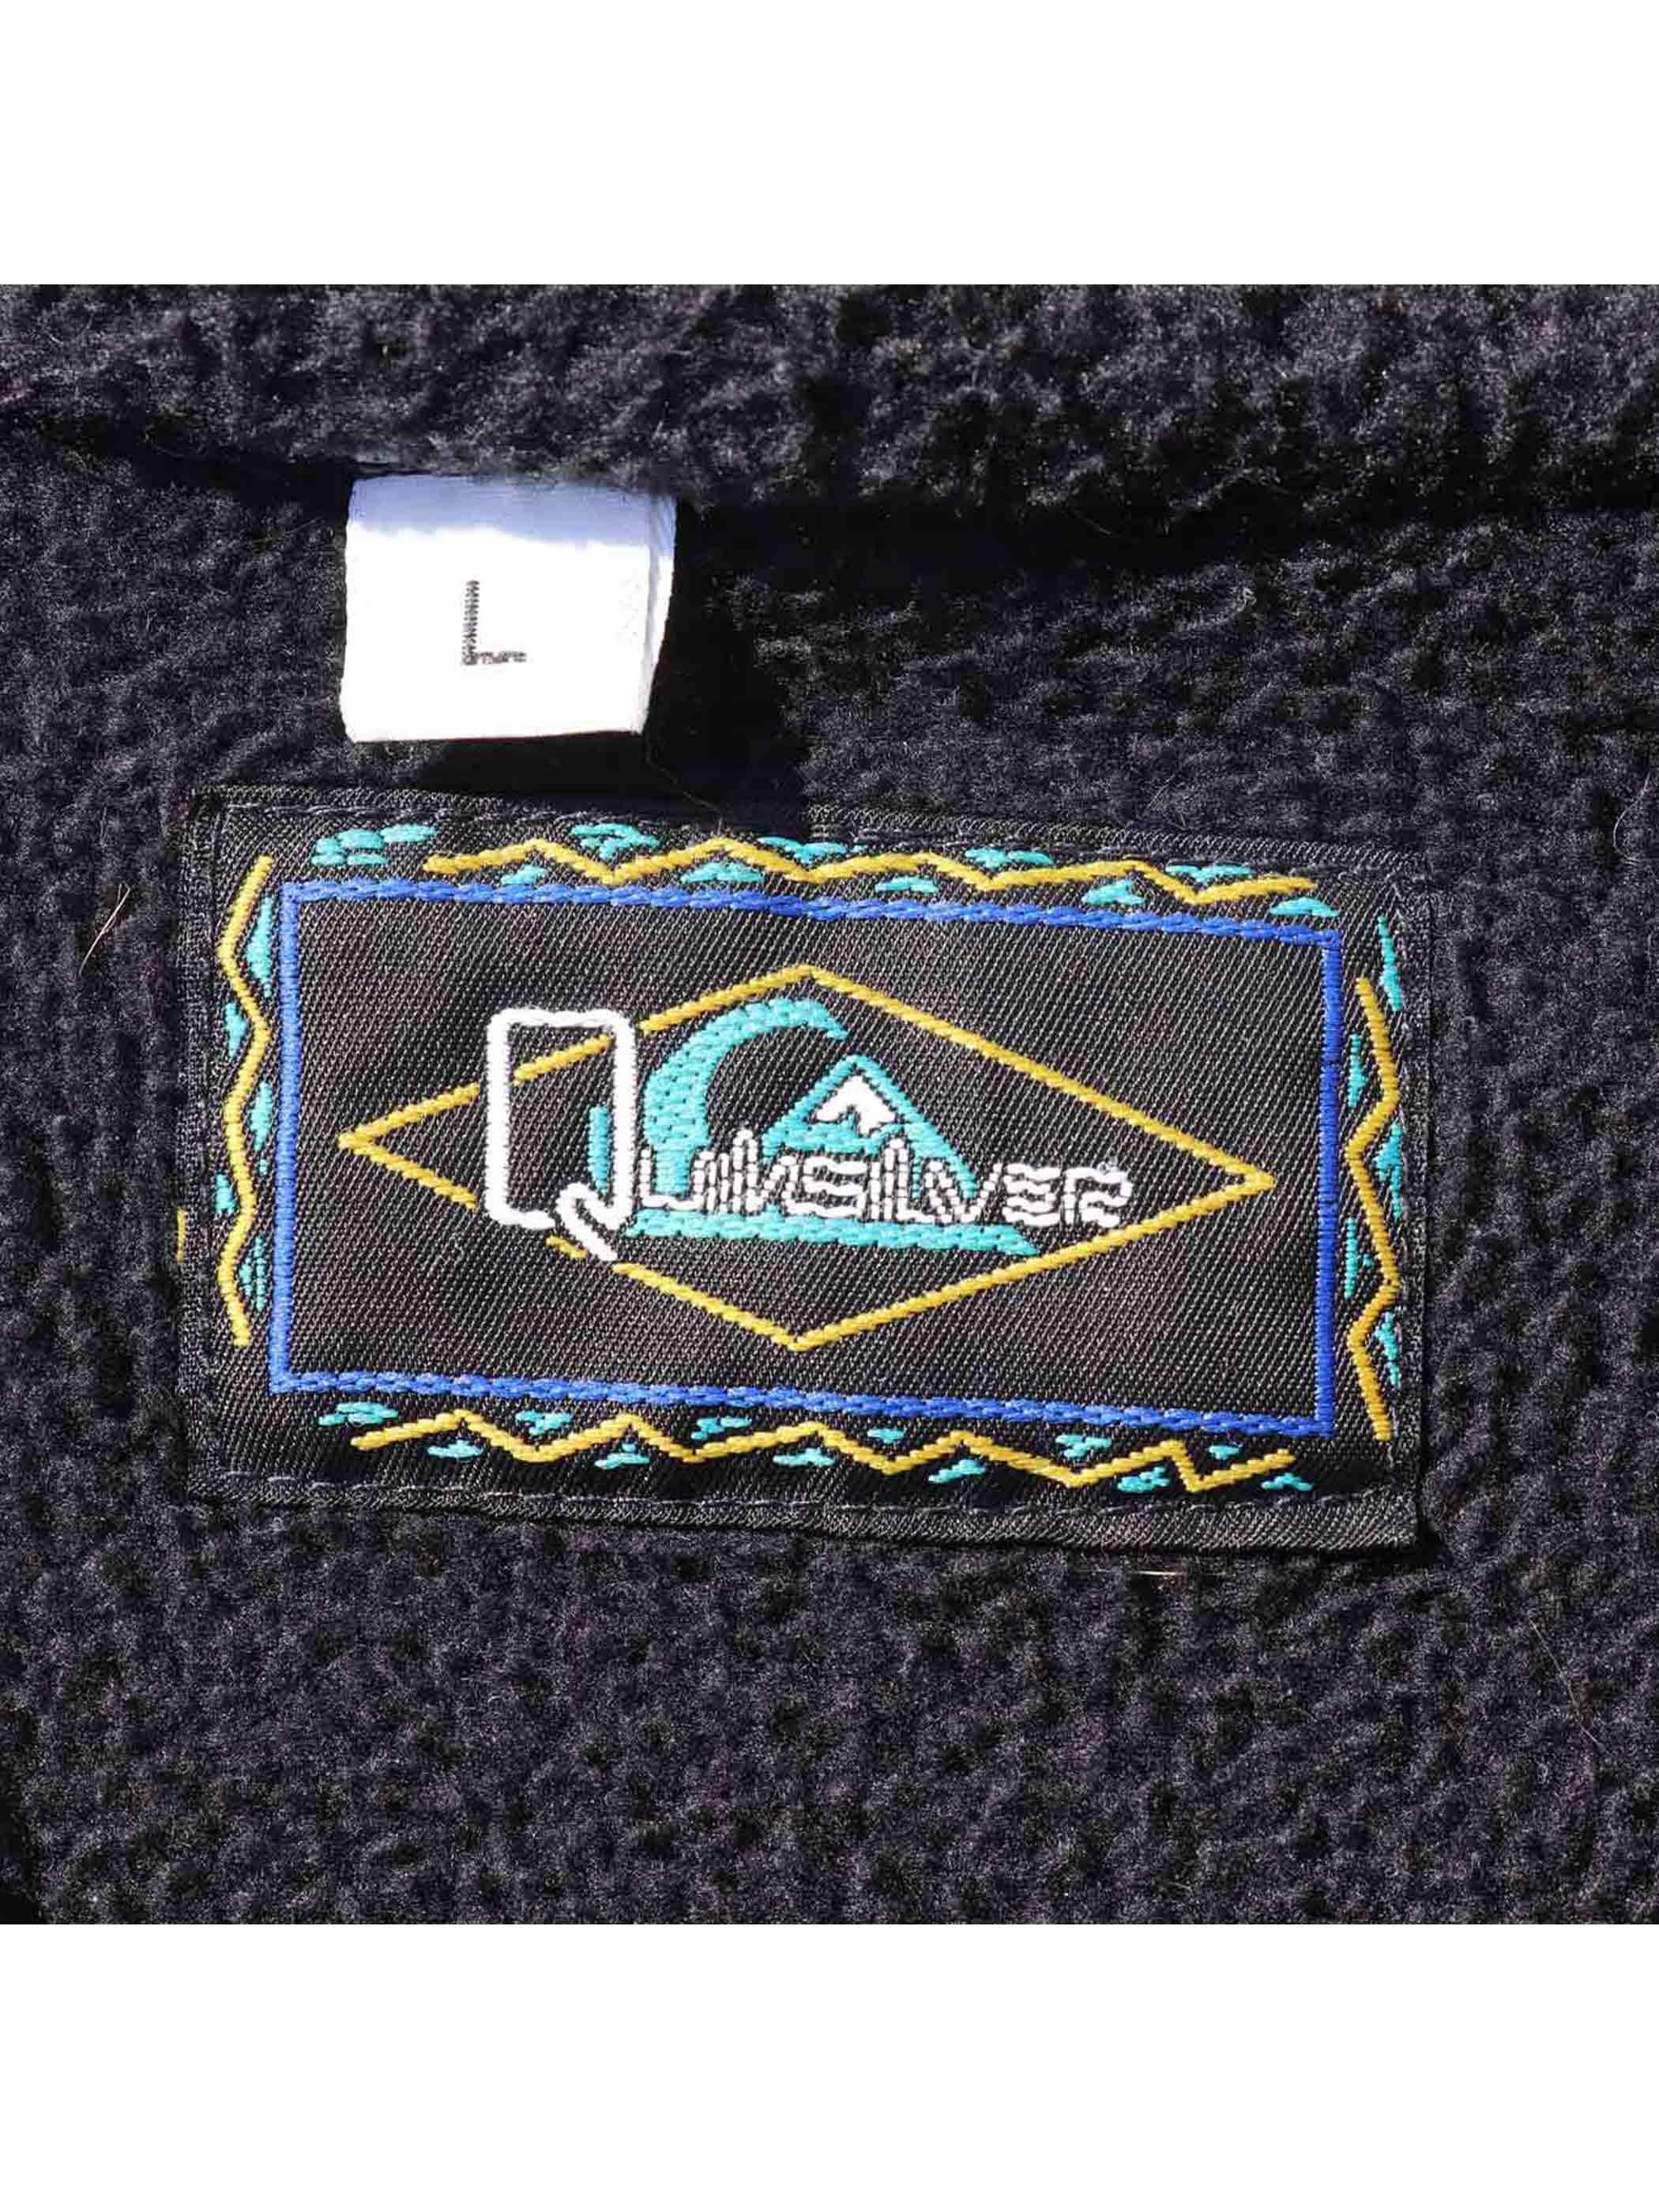 80's QUIKSILVER USA製 ハーフジップ フリースプルオーバー [L]